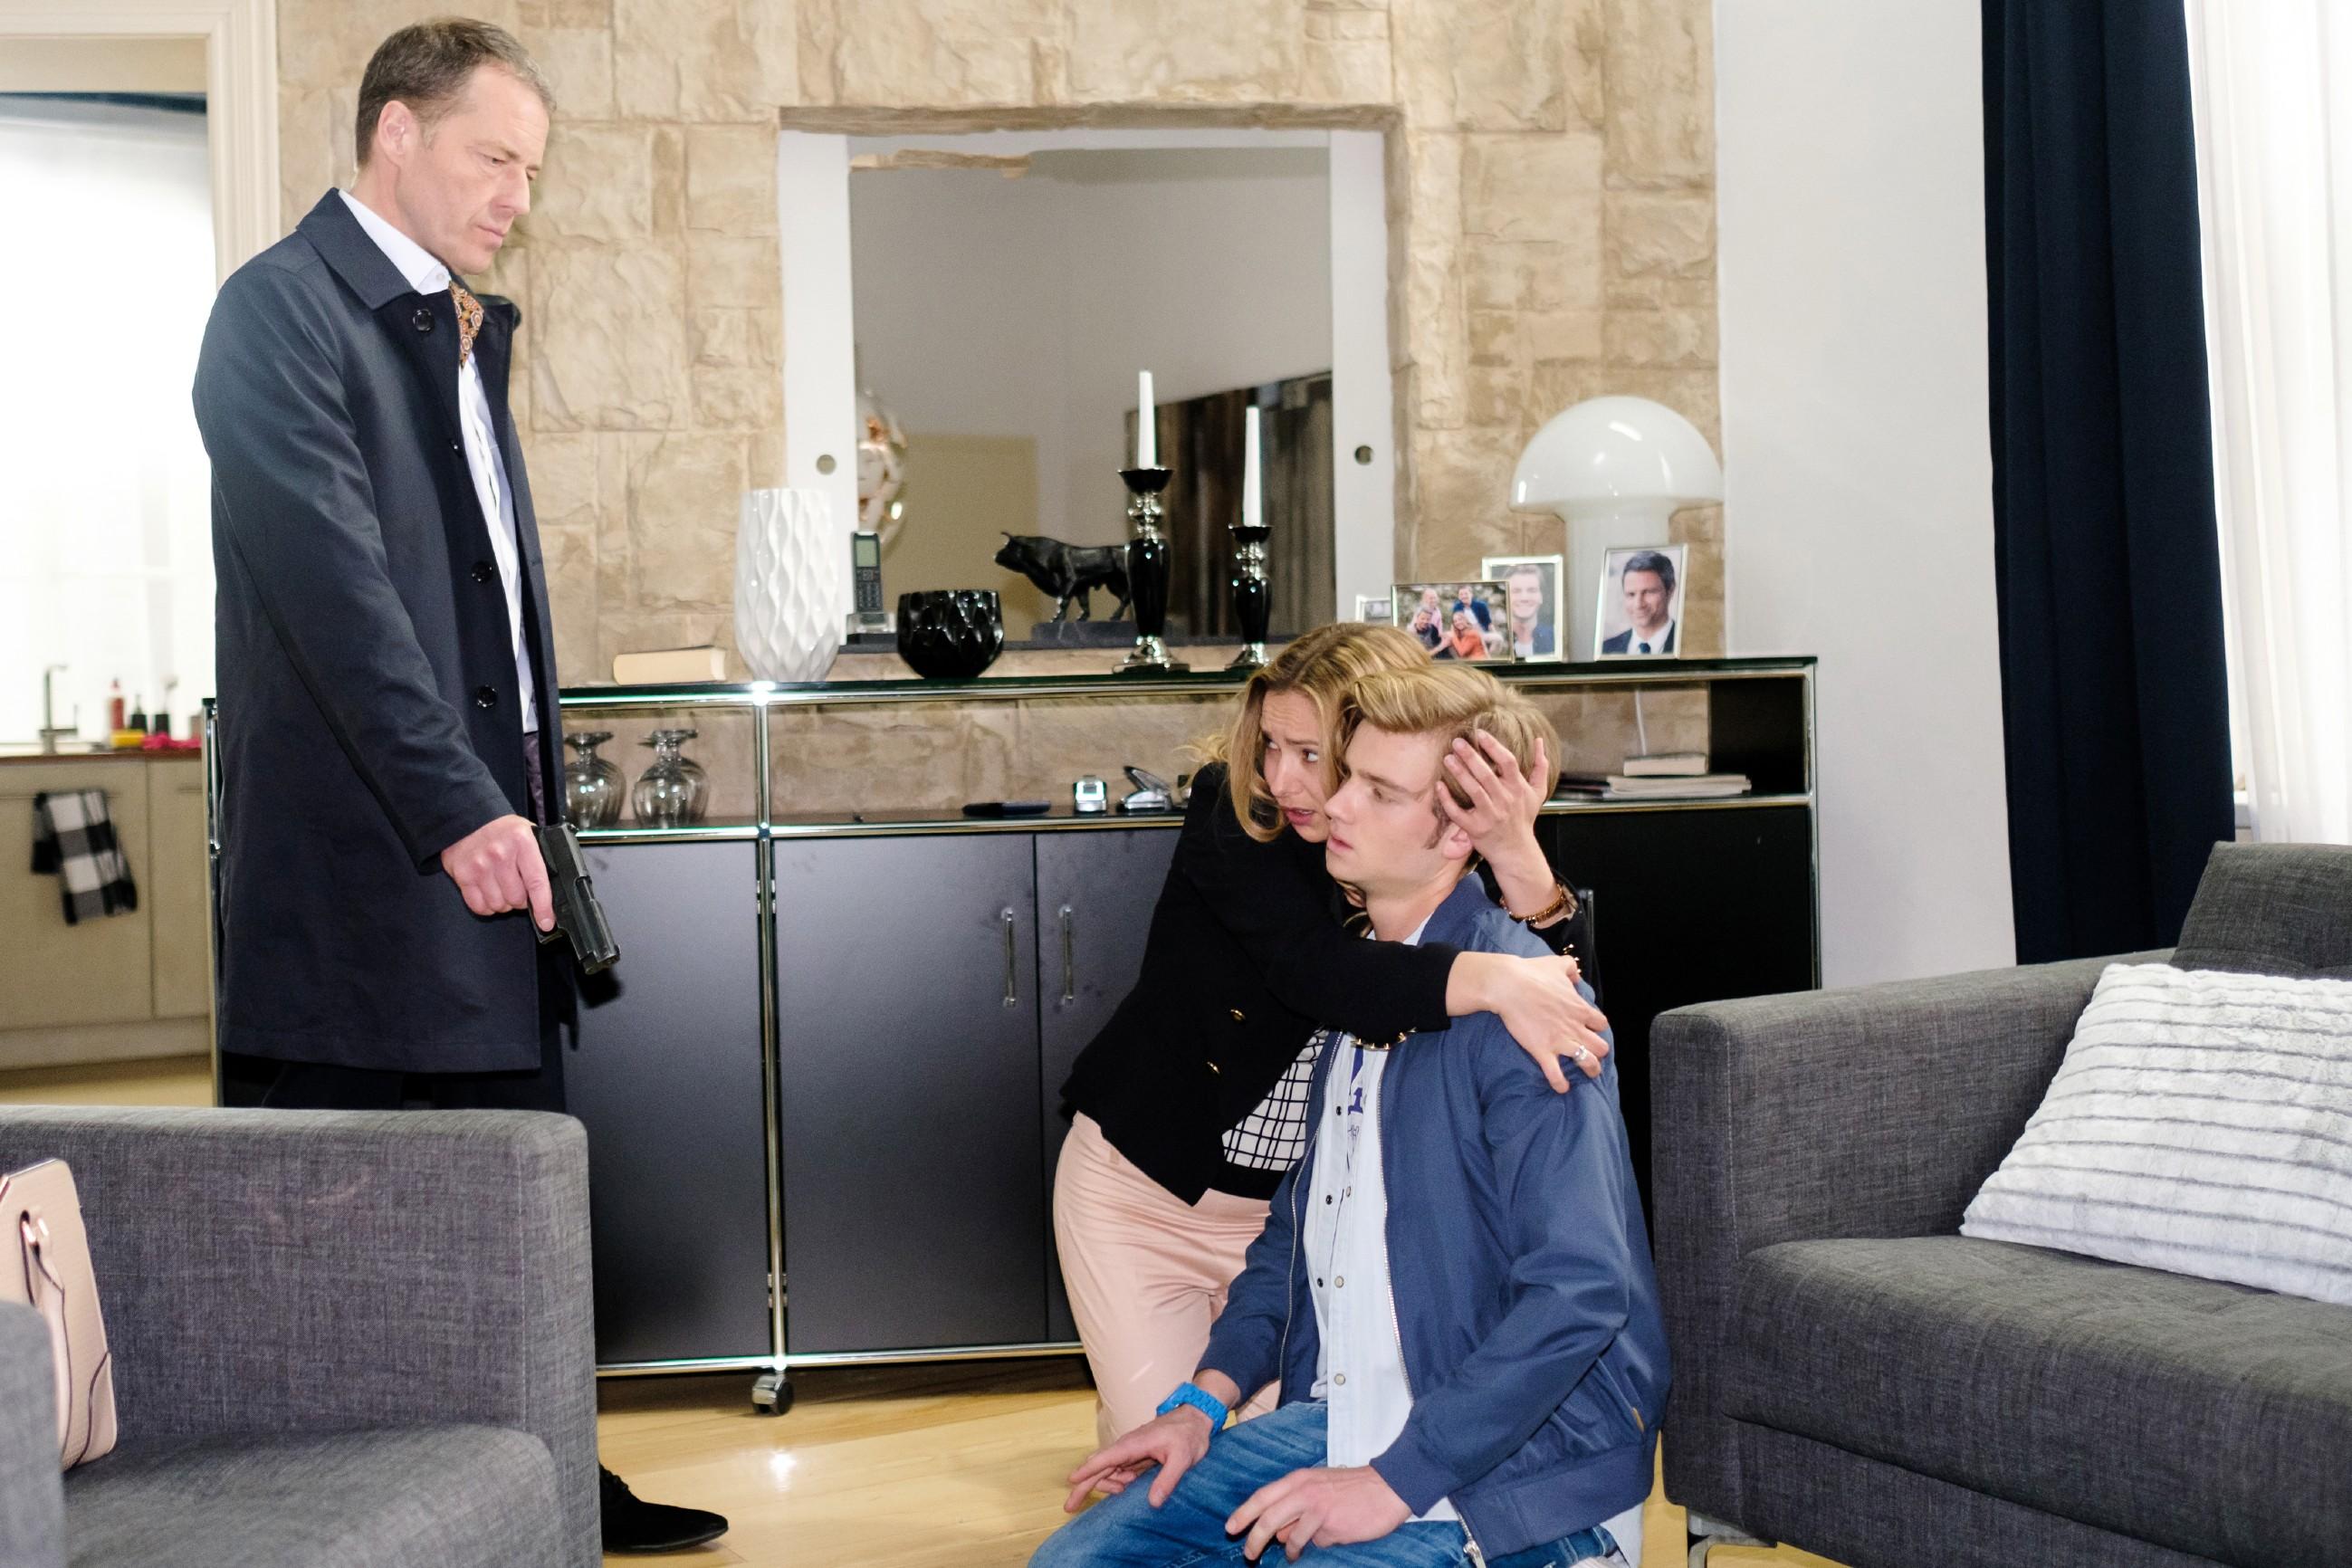 Als Valentin (Aaron Koszuta, r.) ahnungslos nach Hause kommt, gelingt es Andrea (Astrid Leberti) nicht, ihn zu warnen und auch Valentin gerät in Opitz' (Oliver Sauer) Gewalt... (Quelle: RTL / Stefan Behrens)